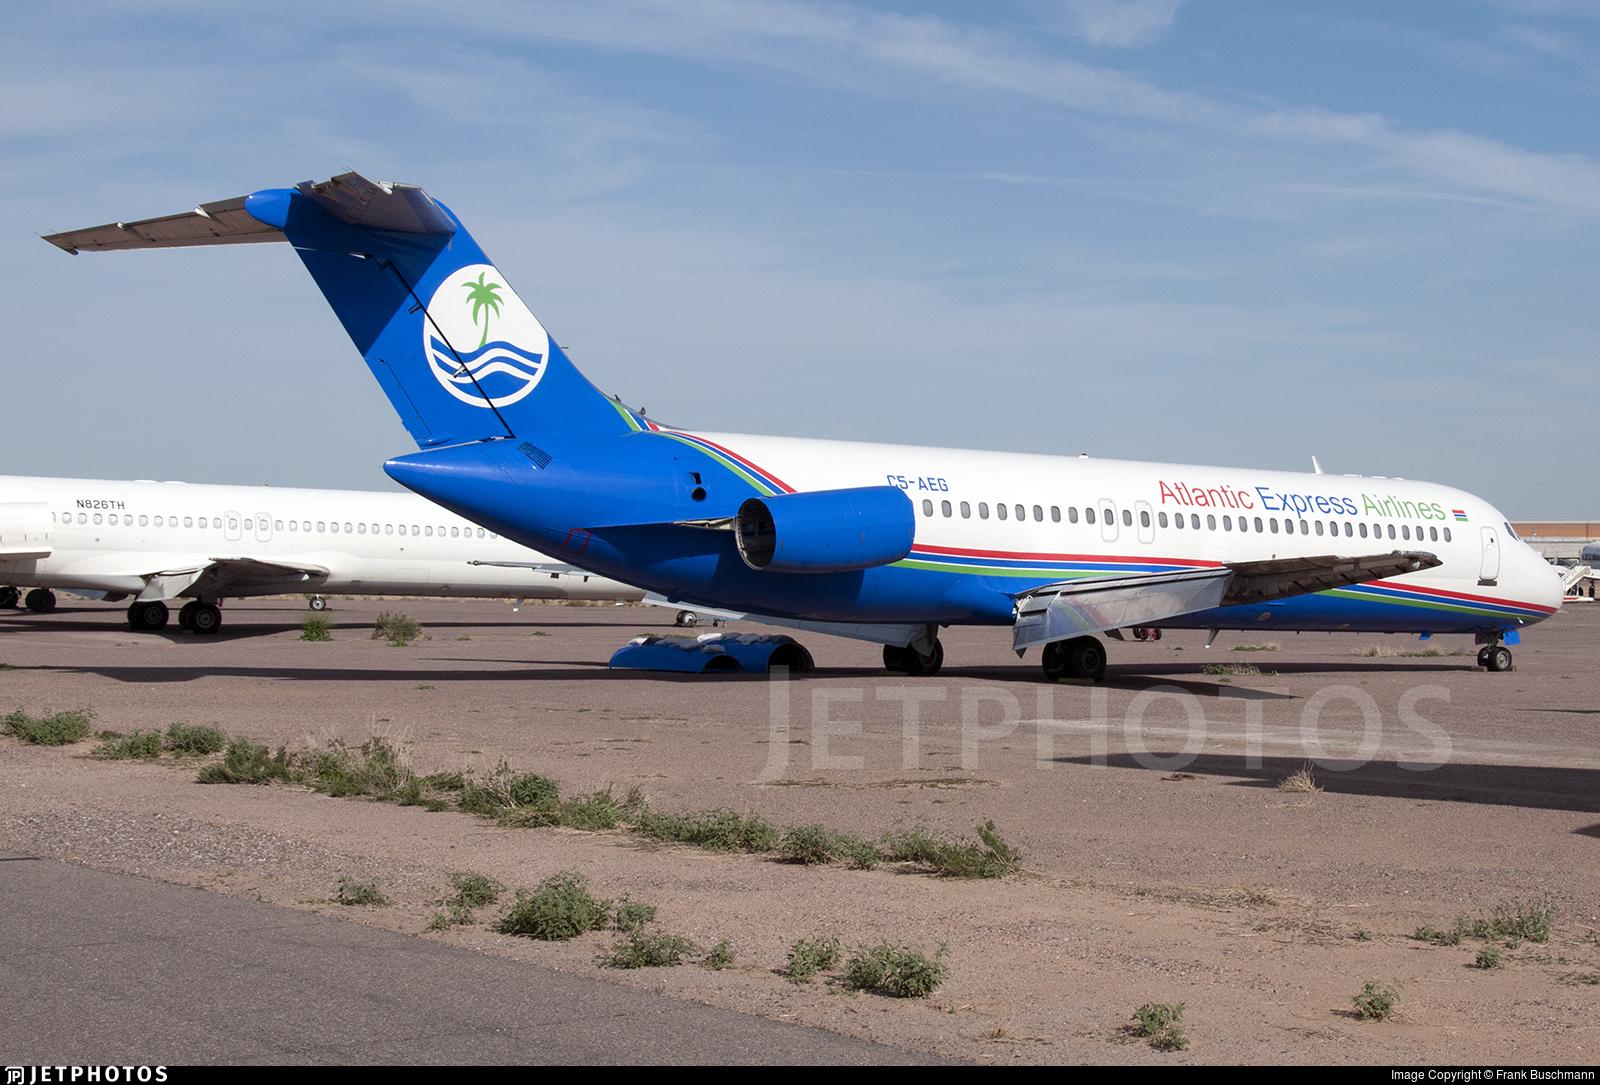 C5-AEG - McDonnell Douglas DC-9-32 - Atlantic Express Airlines